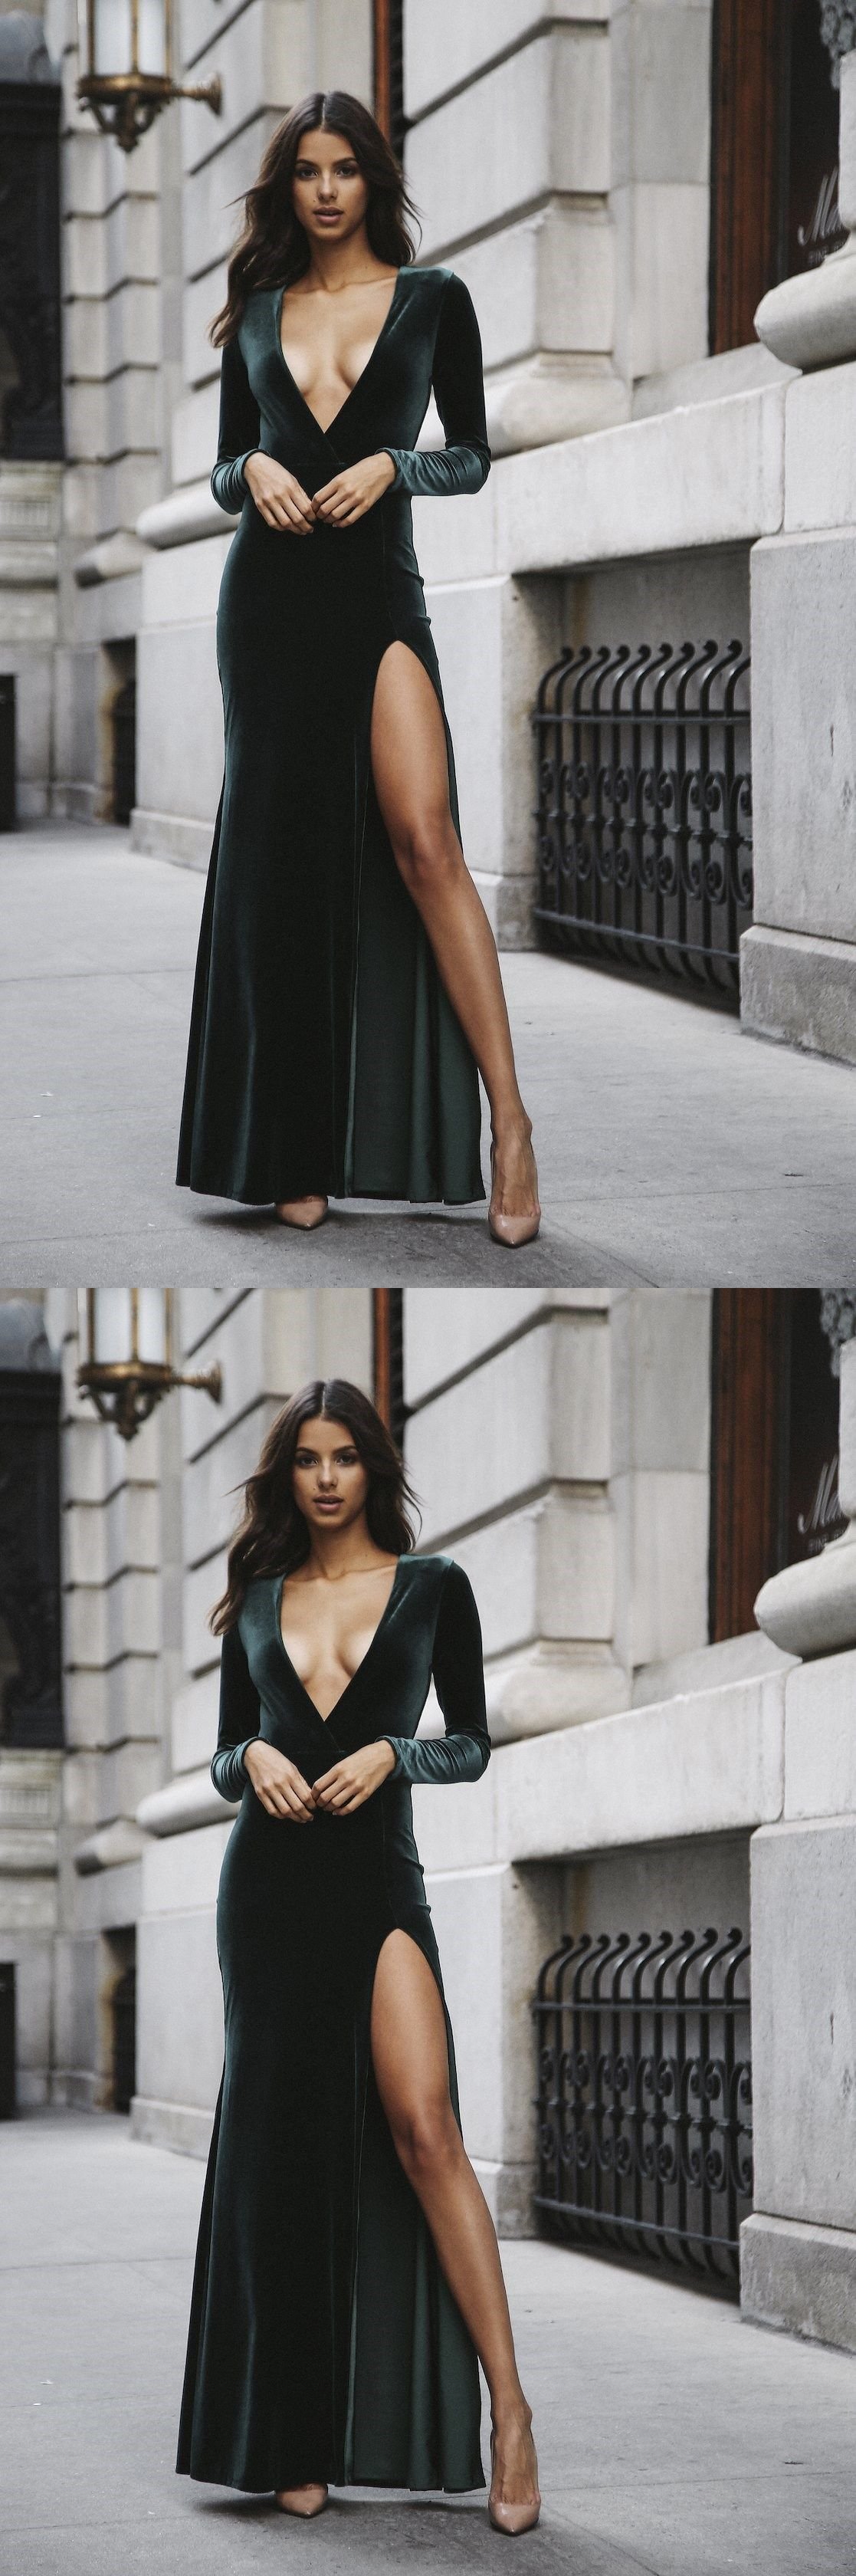 Popular dark green prom dresslong sleeves party dressdeep vneck